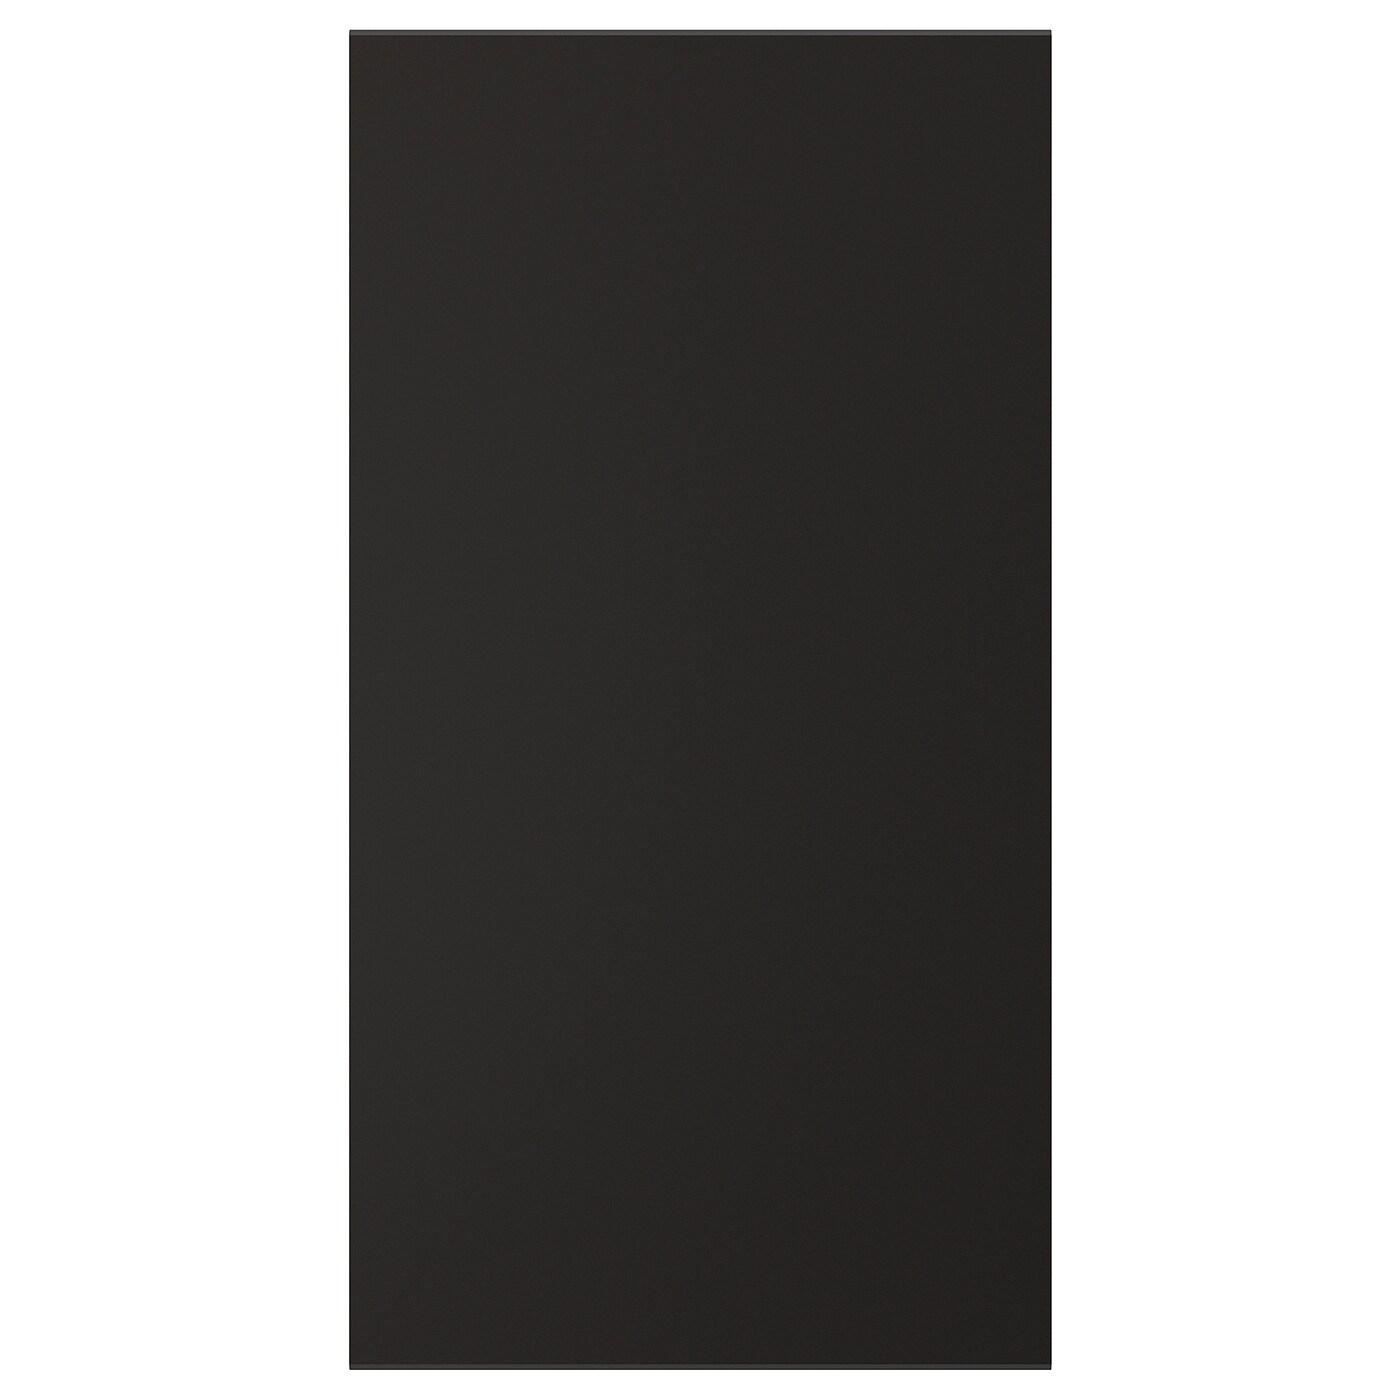 18x24 cm 403.999.03 krokshult Support Anthracite * Nouveau marque IKEA *